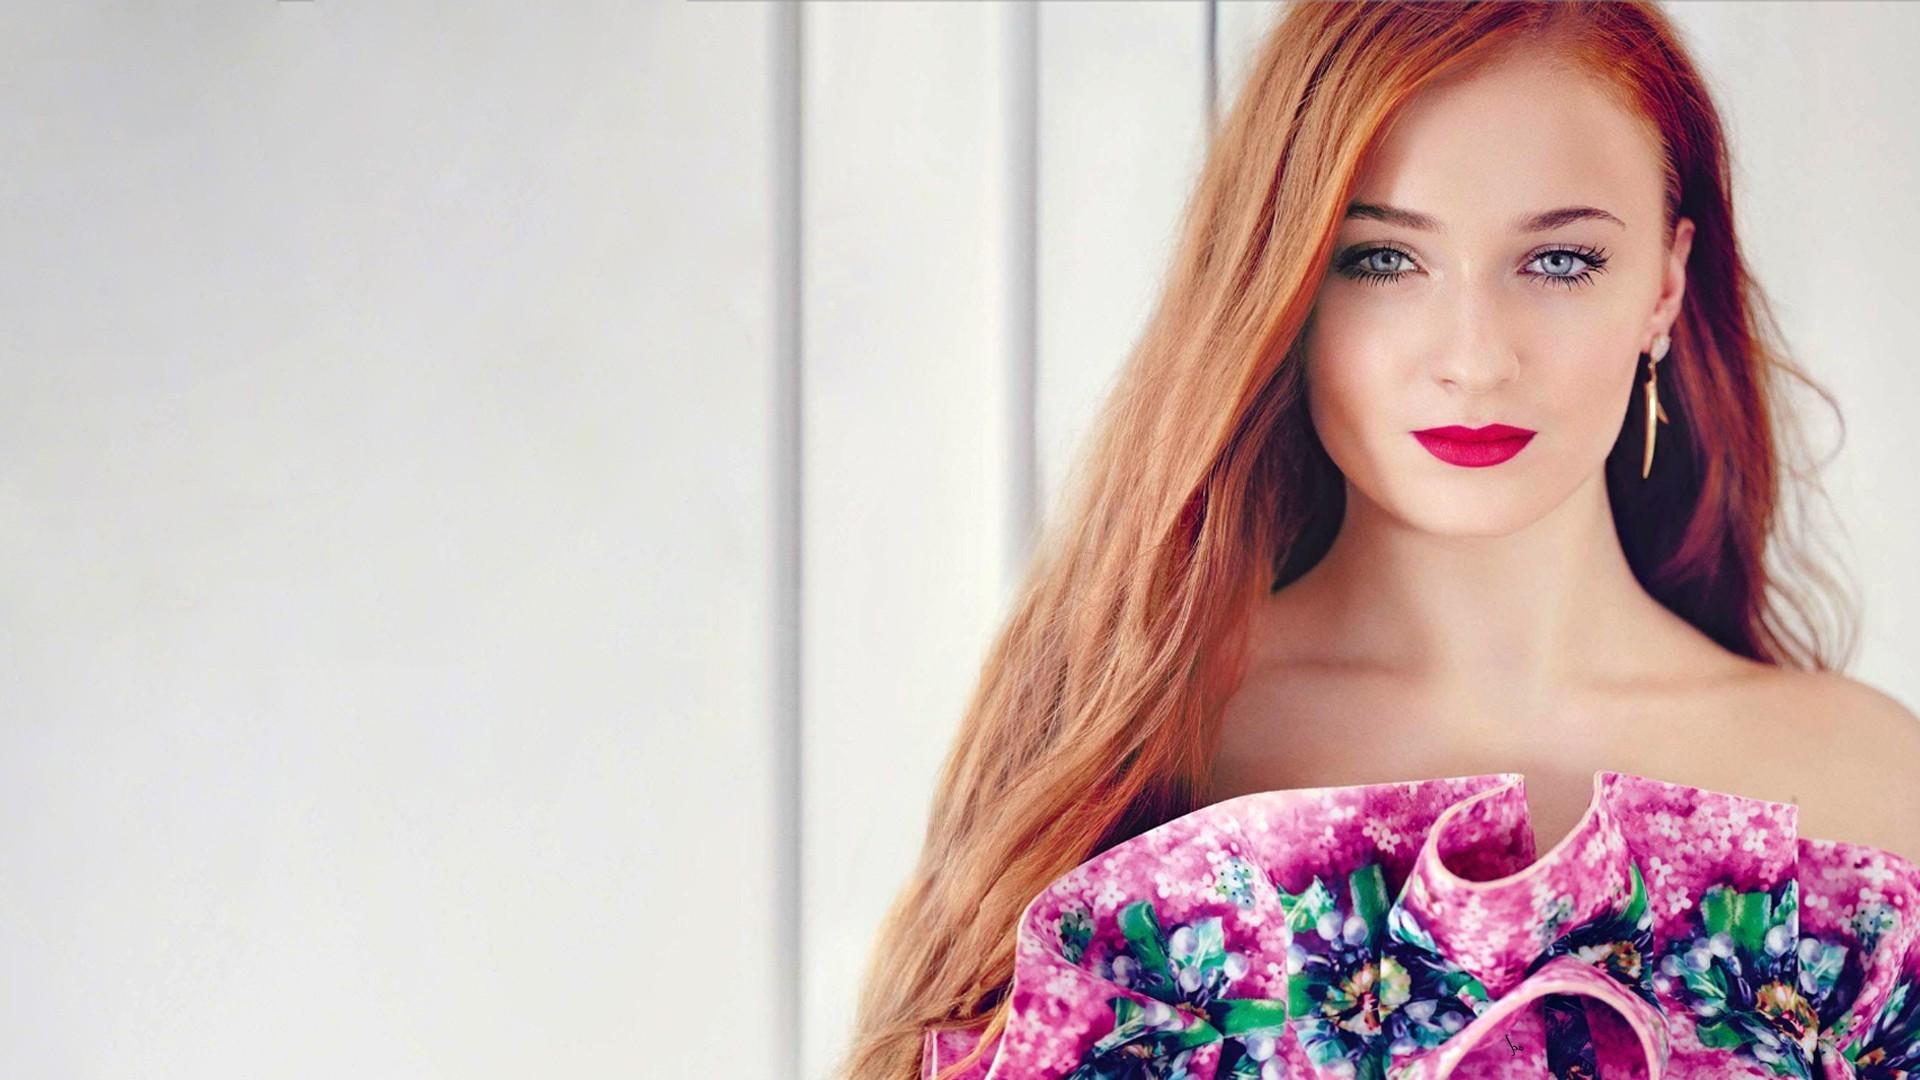 Red Lipstick Brown Hair Blue Eyes: Tapety : Tvář, Ryšavý, Model, Dlouhé Vlasy, Modré Oči